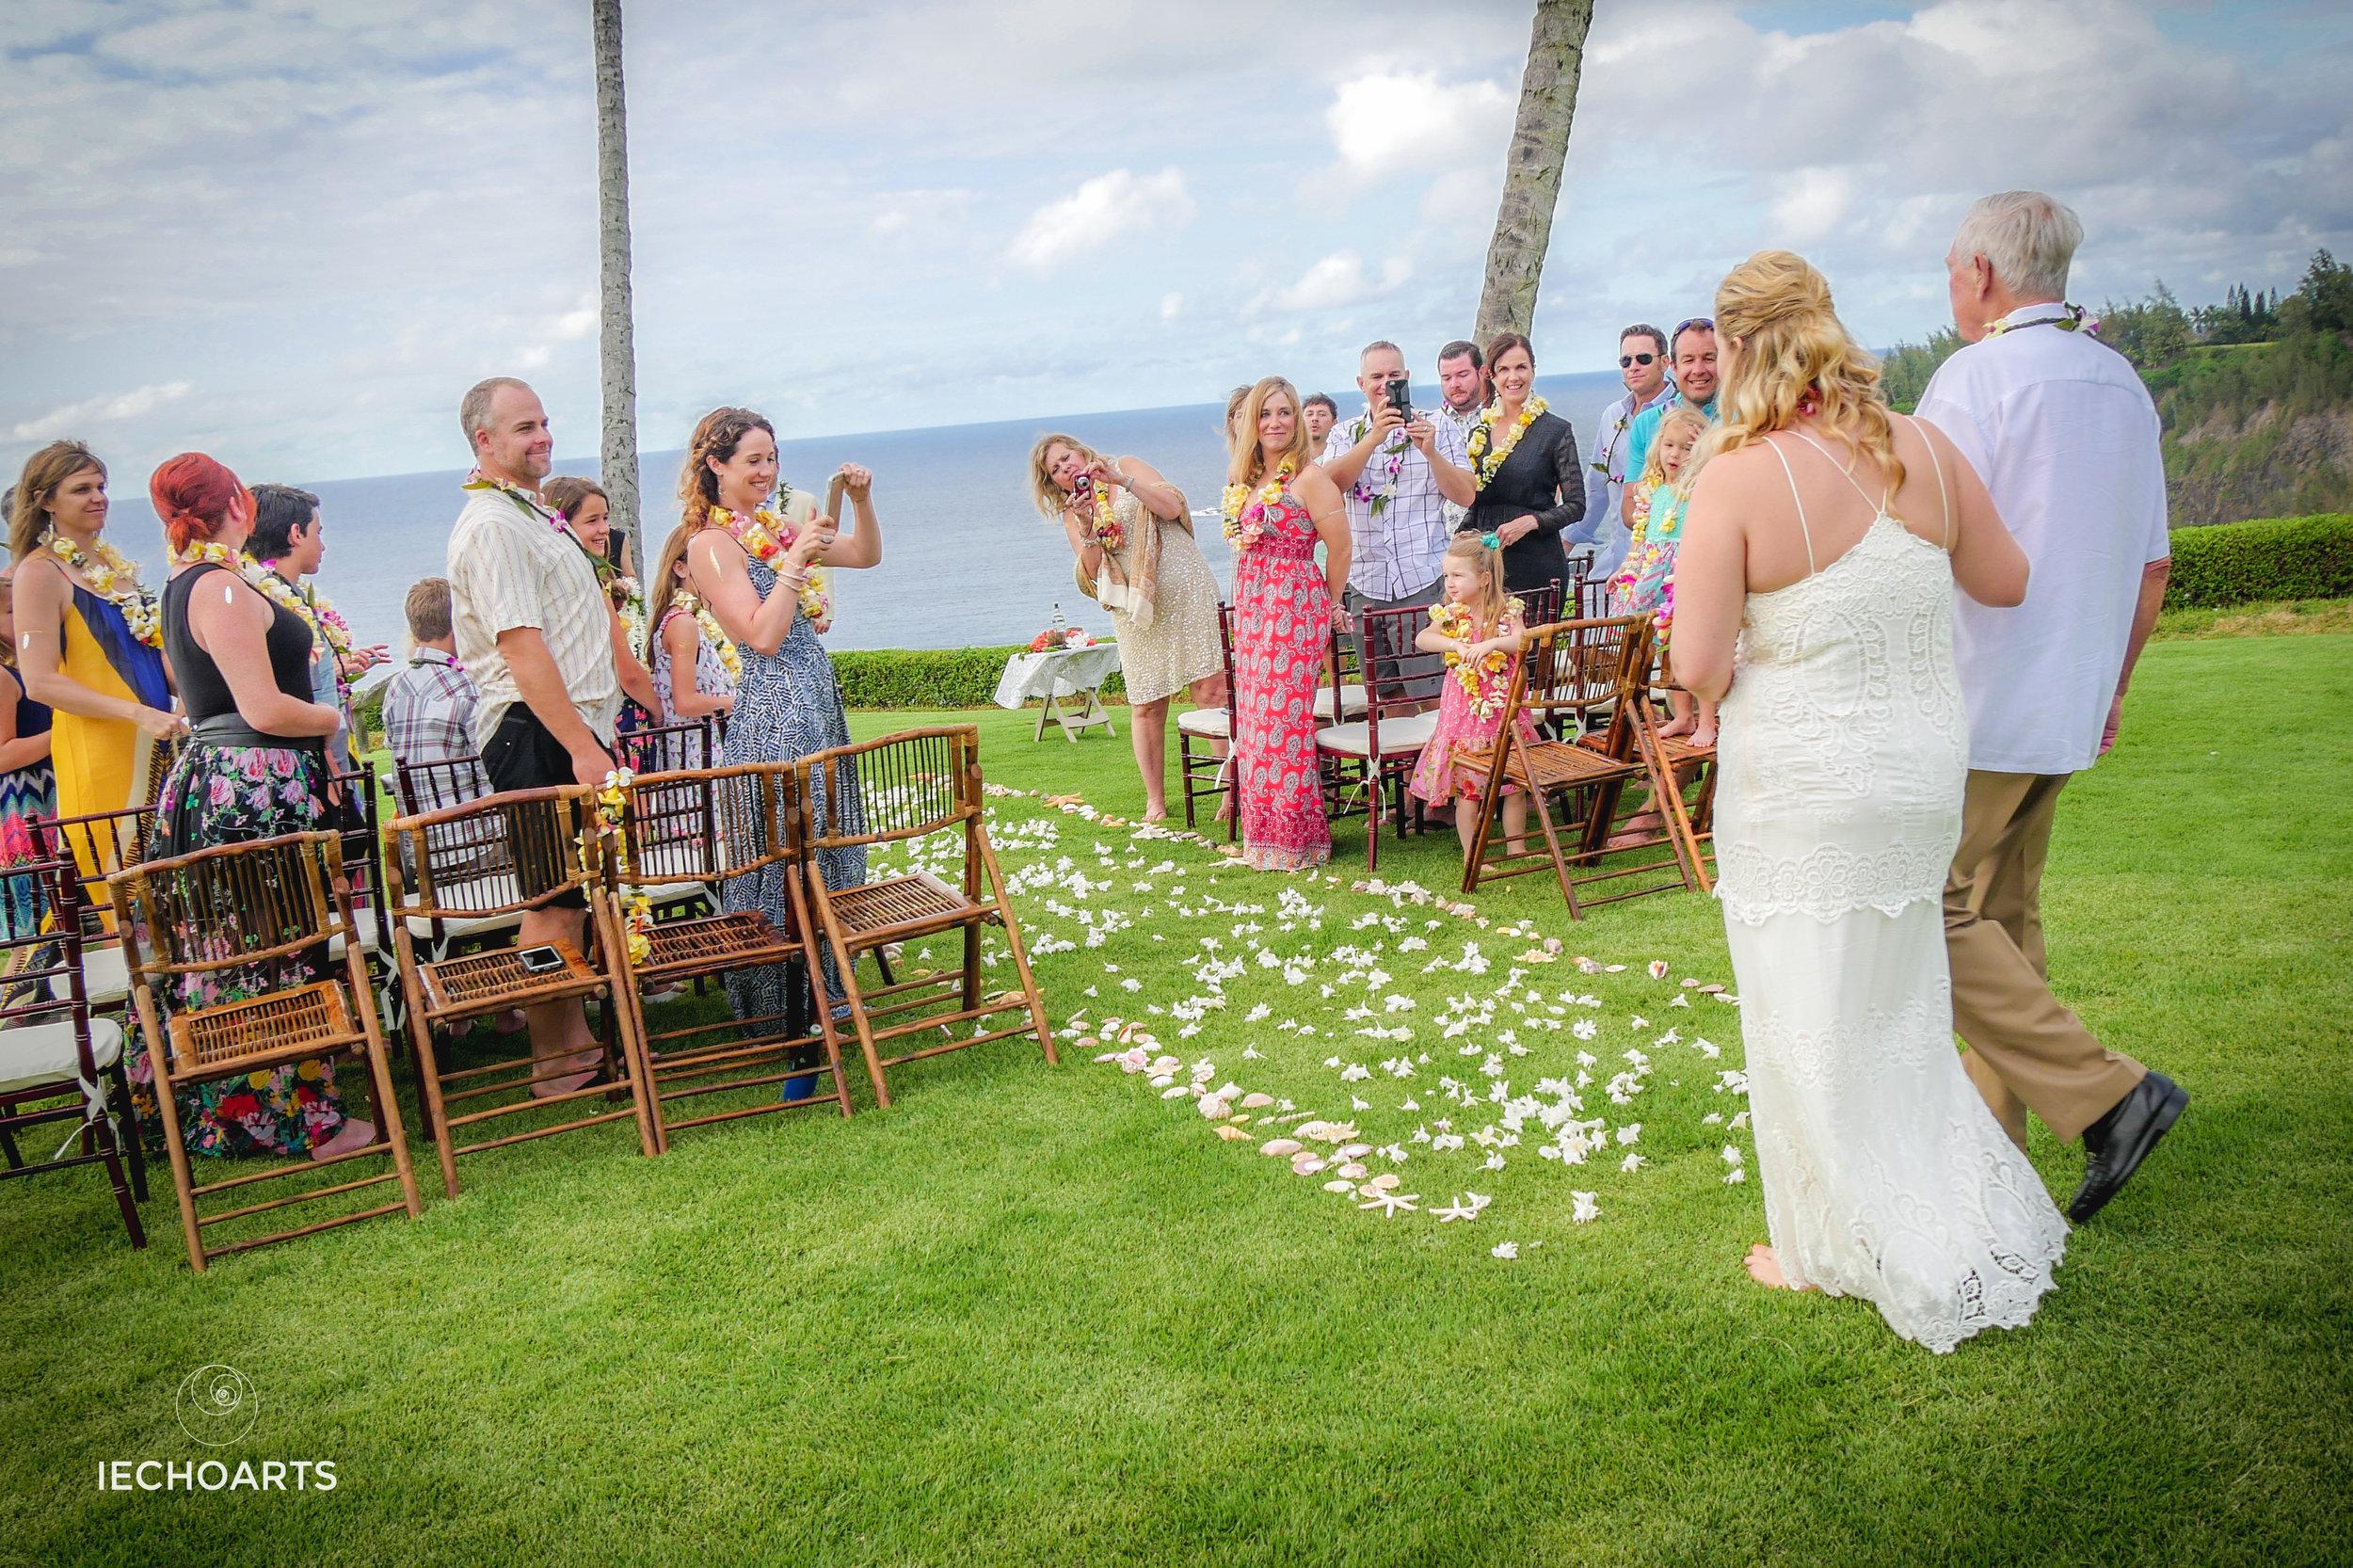 IEcho Arts wedding-1300088.jpg